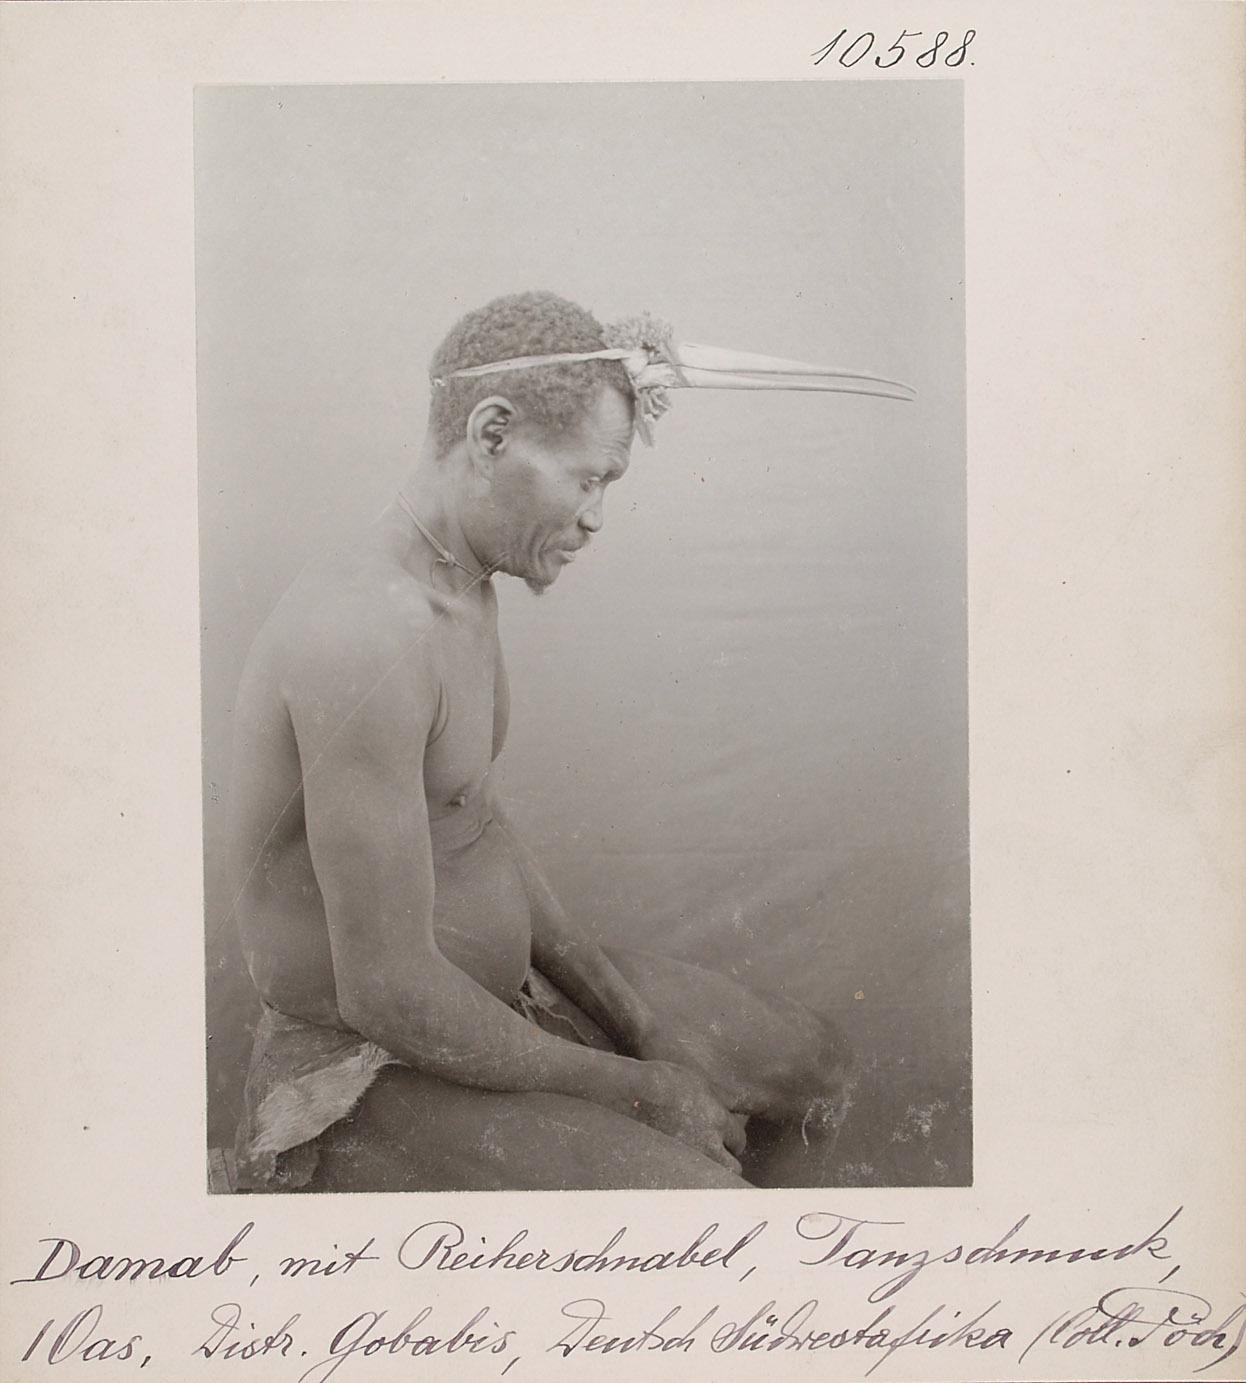 Damab, mit Reiherschnabel, Tanzschmuck, I Oas, Distr. Gobabis, Deutsch-Südwestafrika